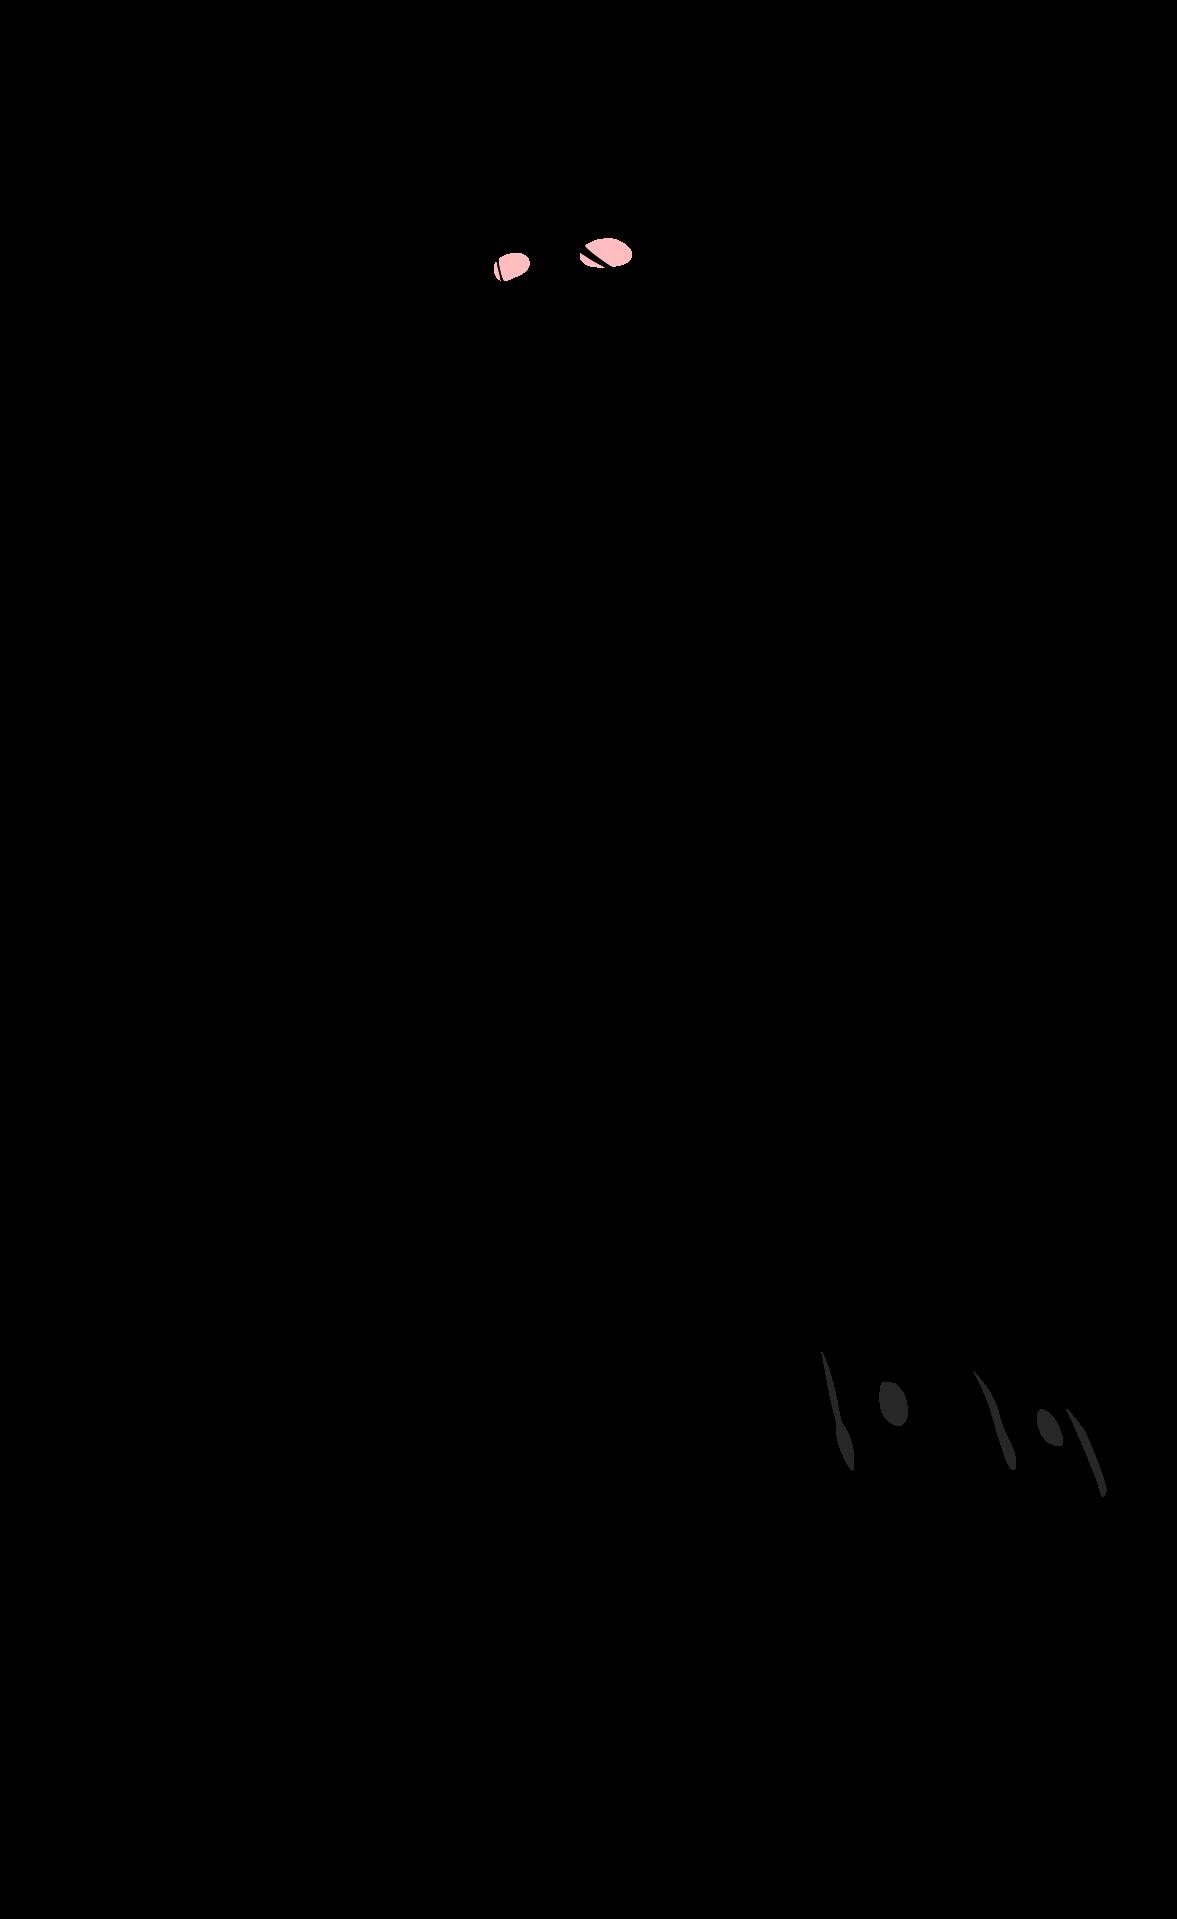 Bleach 685 Rukia Lineart Psd By Rollando35 Bleach Psd Anime